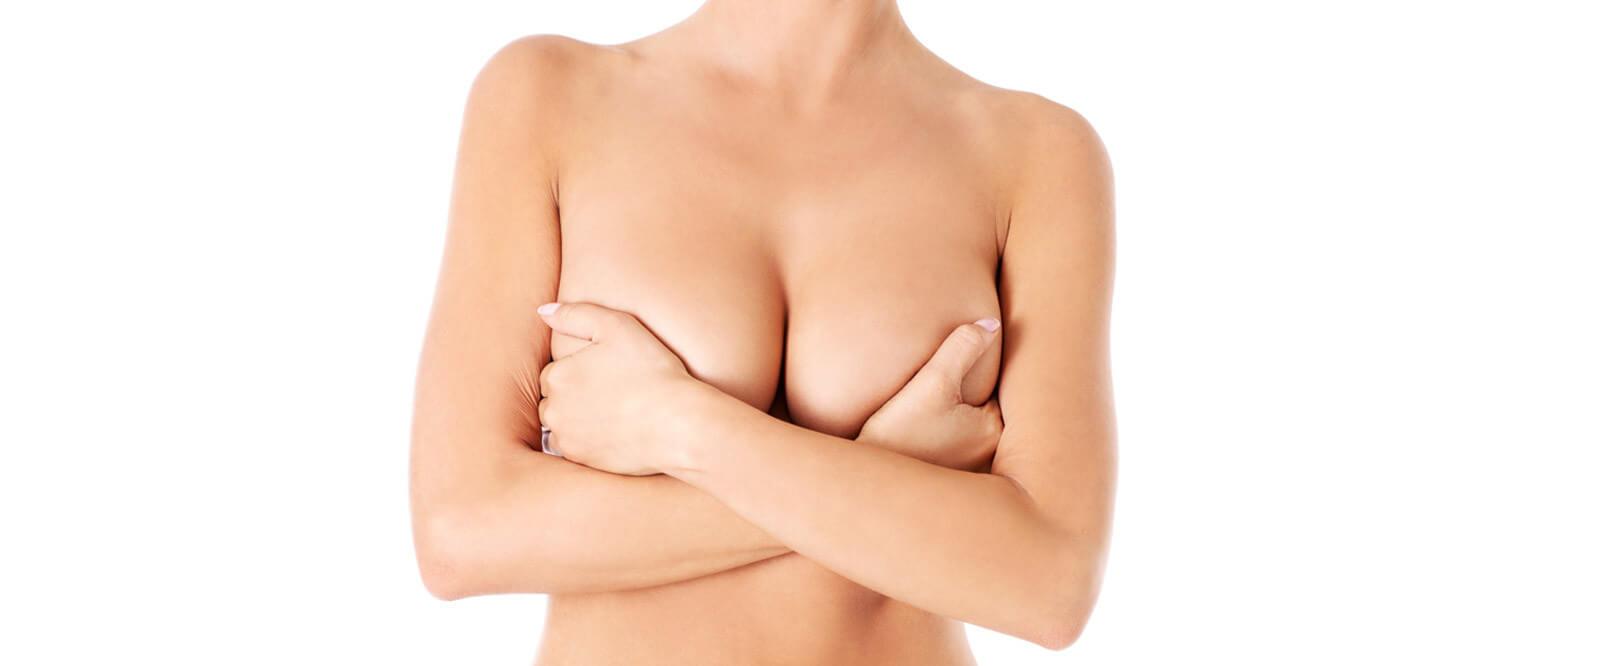 Chirurgie Plastique Esthétique Seins Annecy - Docteur MARINE HITIER